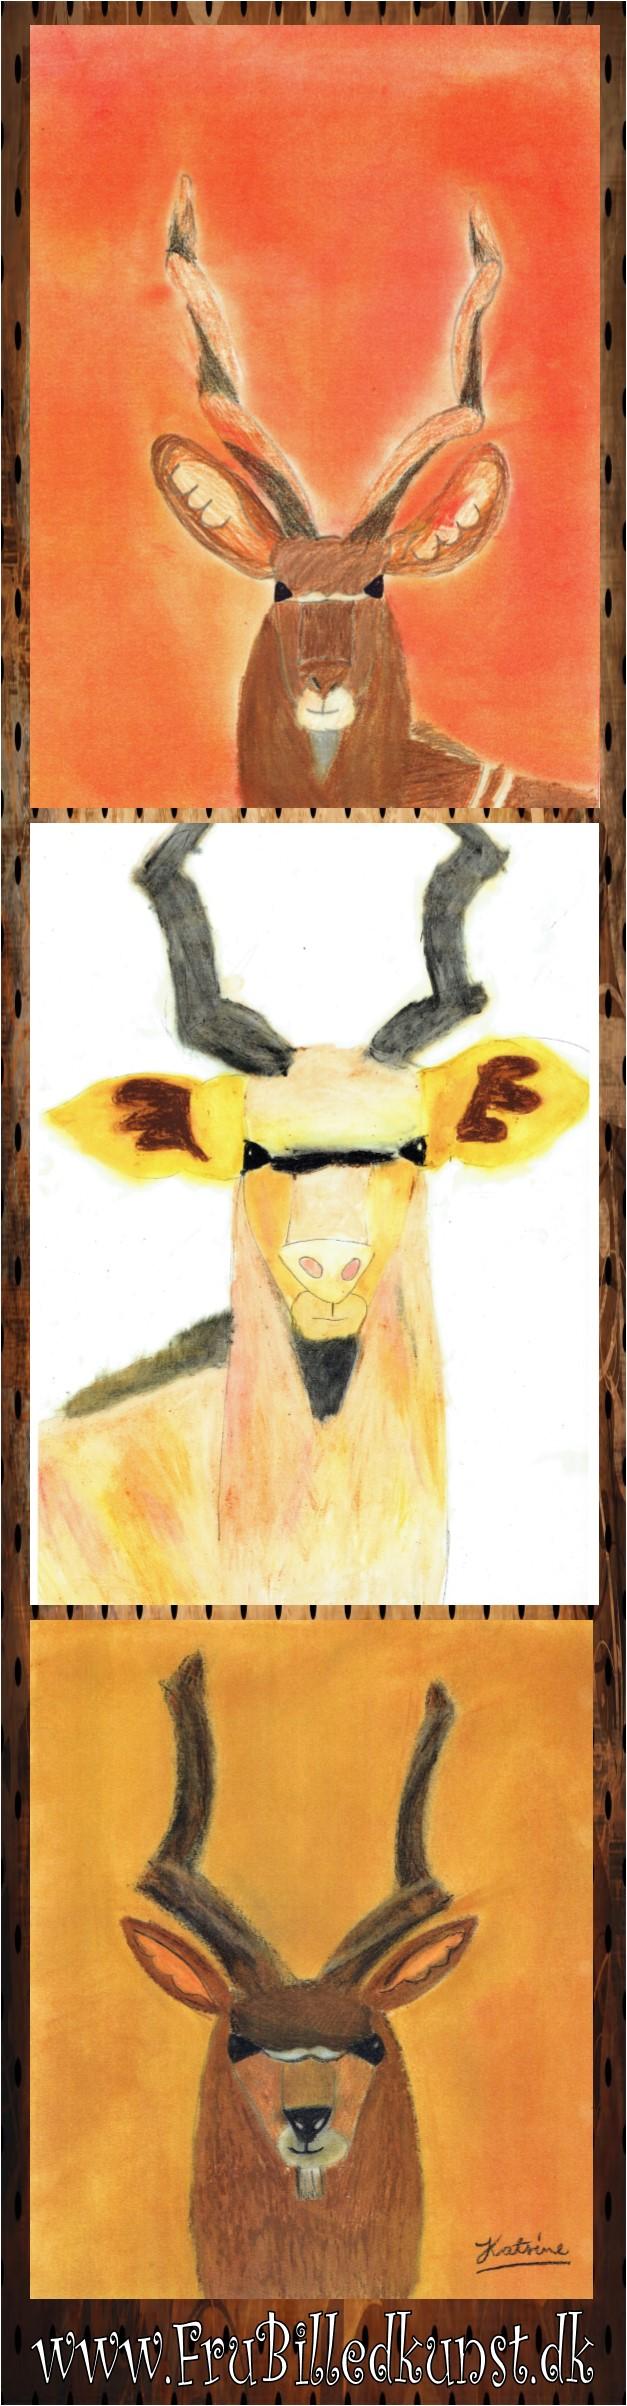 www.FruBilledkunst.dk - kudo antiloper